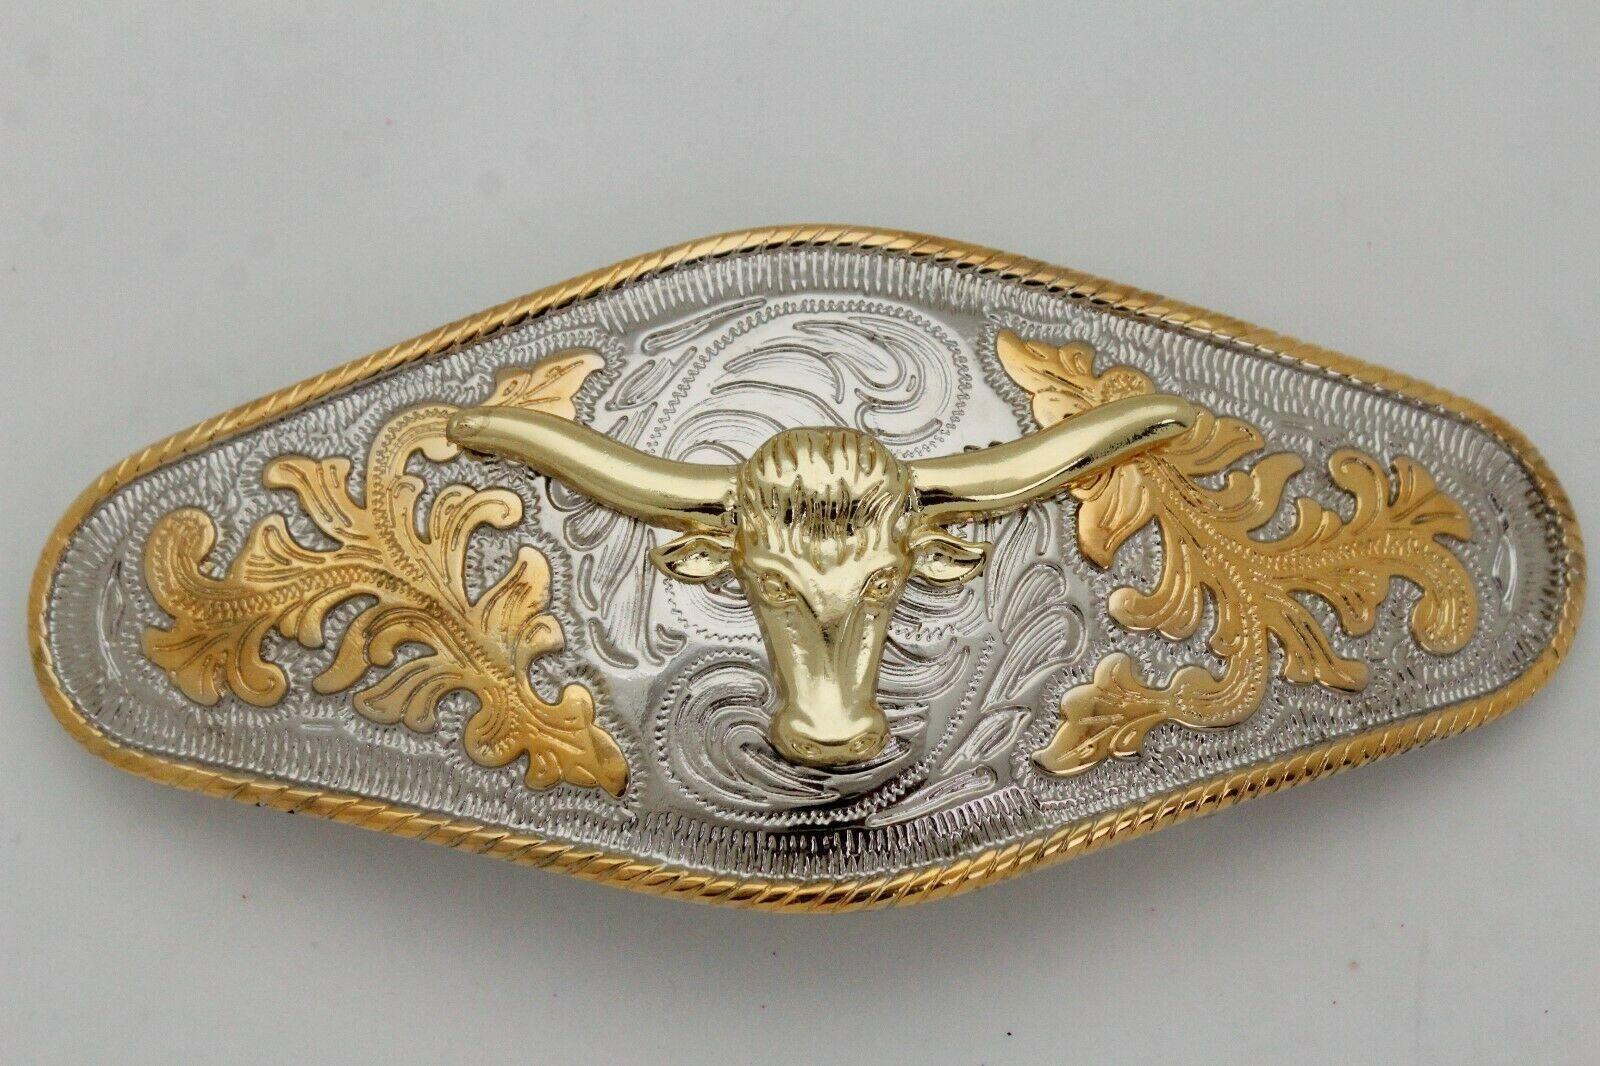 Hombre Western Cowboys Cinturón Hebilla Metal Plata Rodeo Largo Oro Texas Cuerno image 8